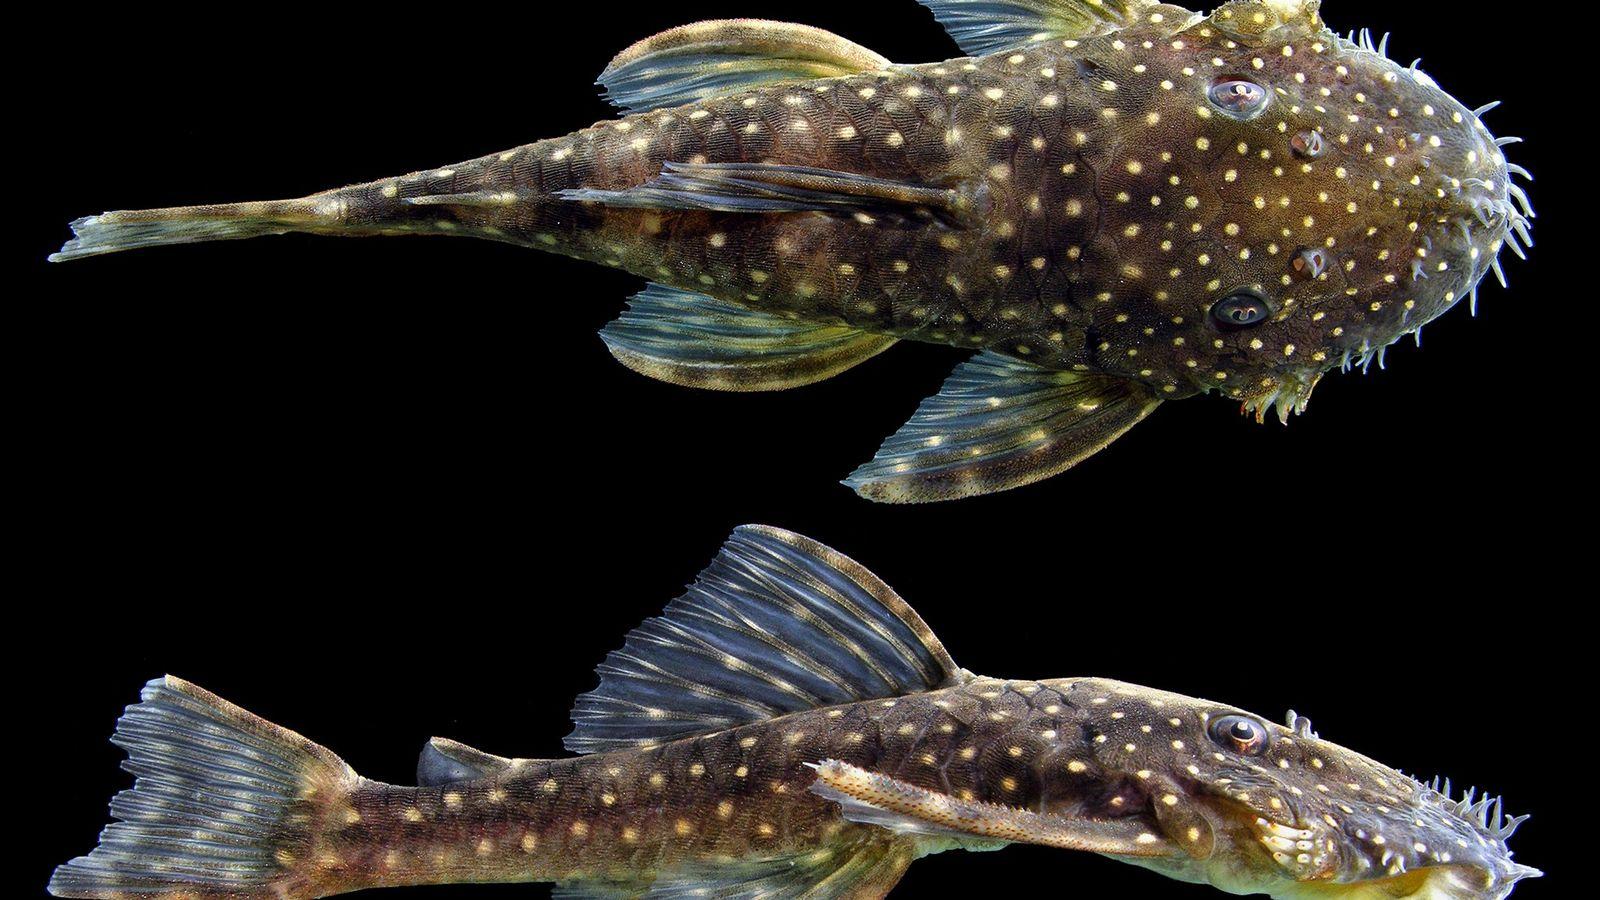 L'Ancistrus leoni est l'une des six nouvelles espèces de poissons-chats ancistrus découvertes par Lesley de Souza ...